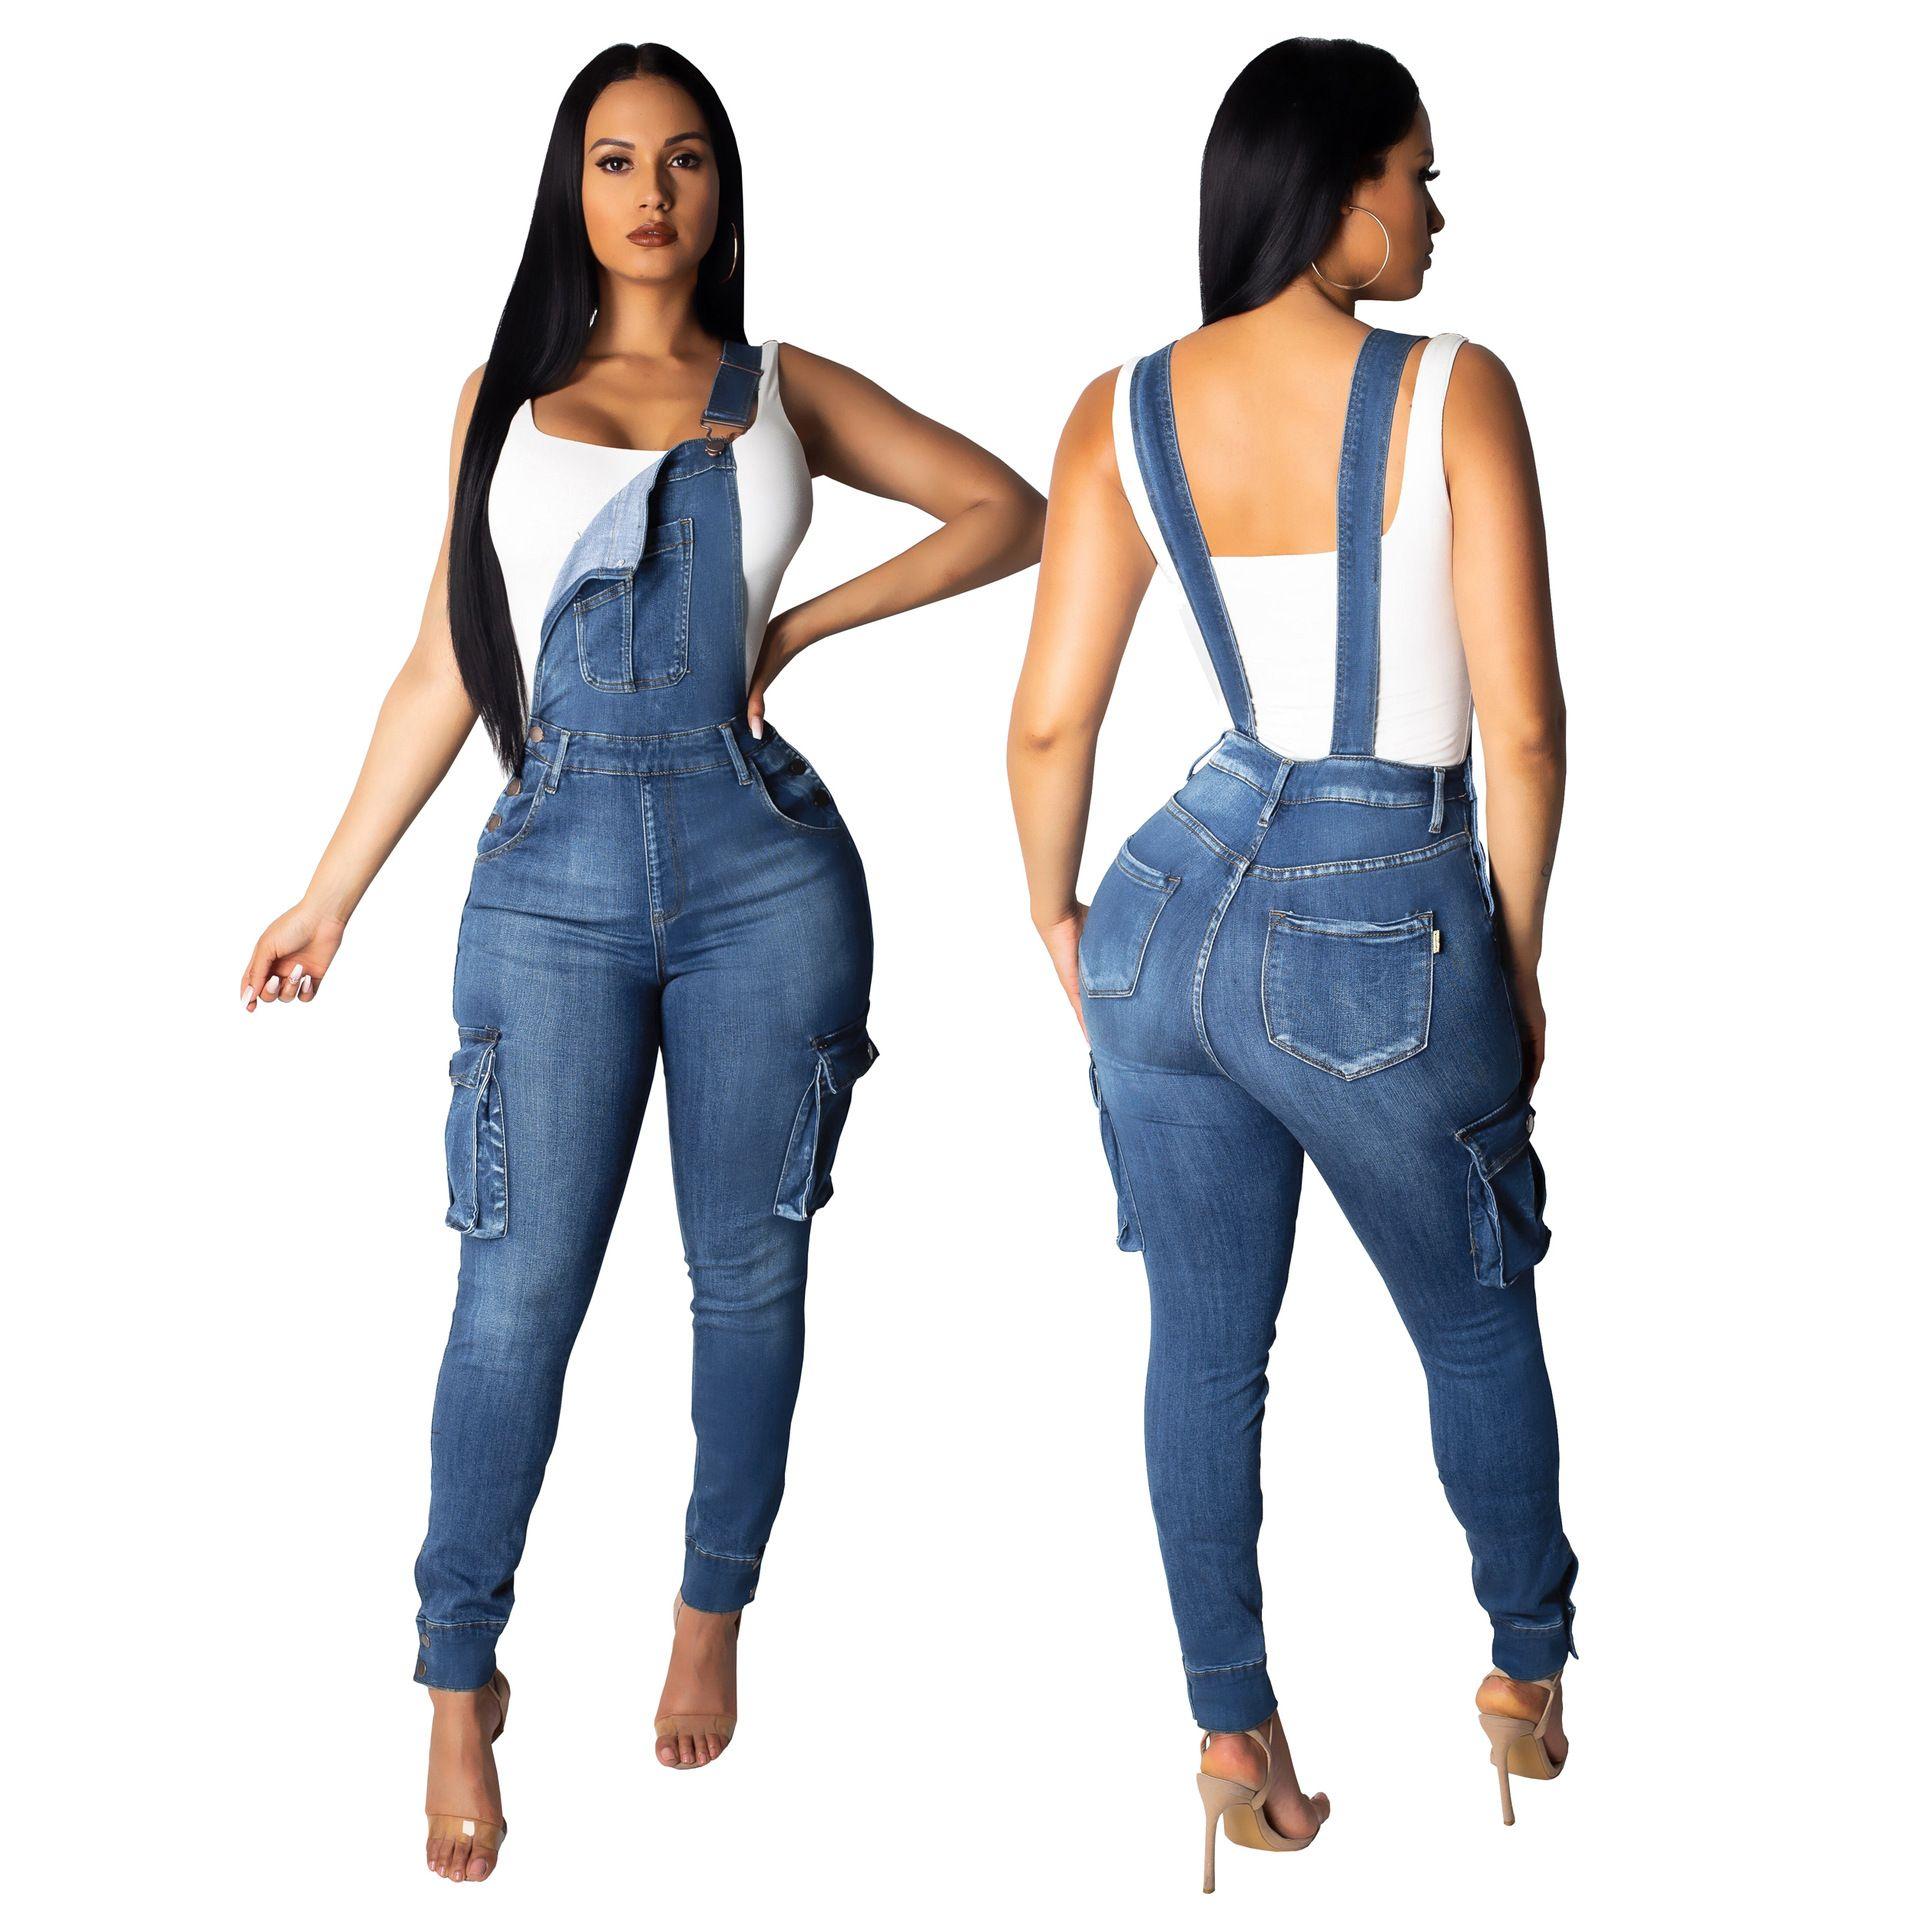 2019 nouvelles femmes crayon été salopettes de poche des jeans poche arrière décontracté vintage côté mode pantalon en denim barboteuse femmes pantalon en denim longues